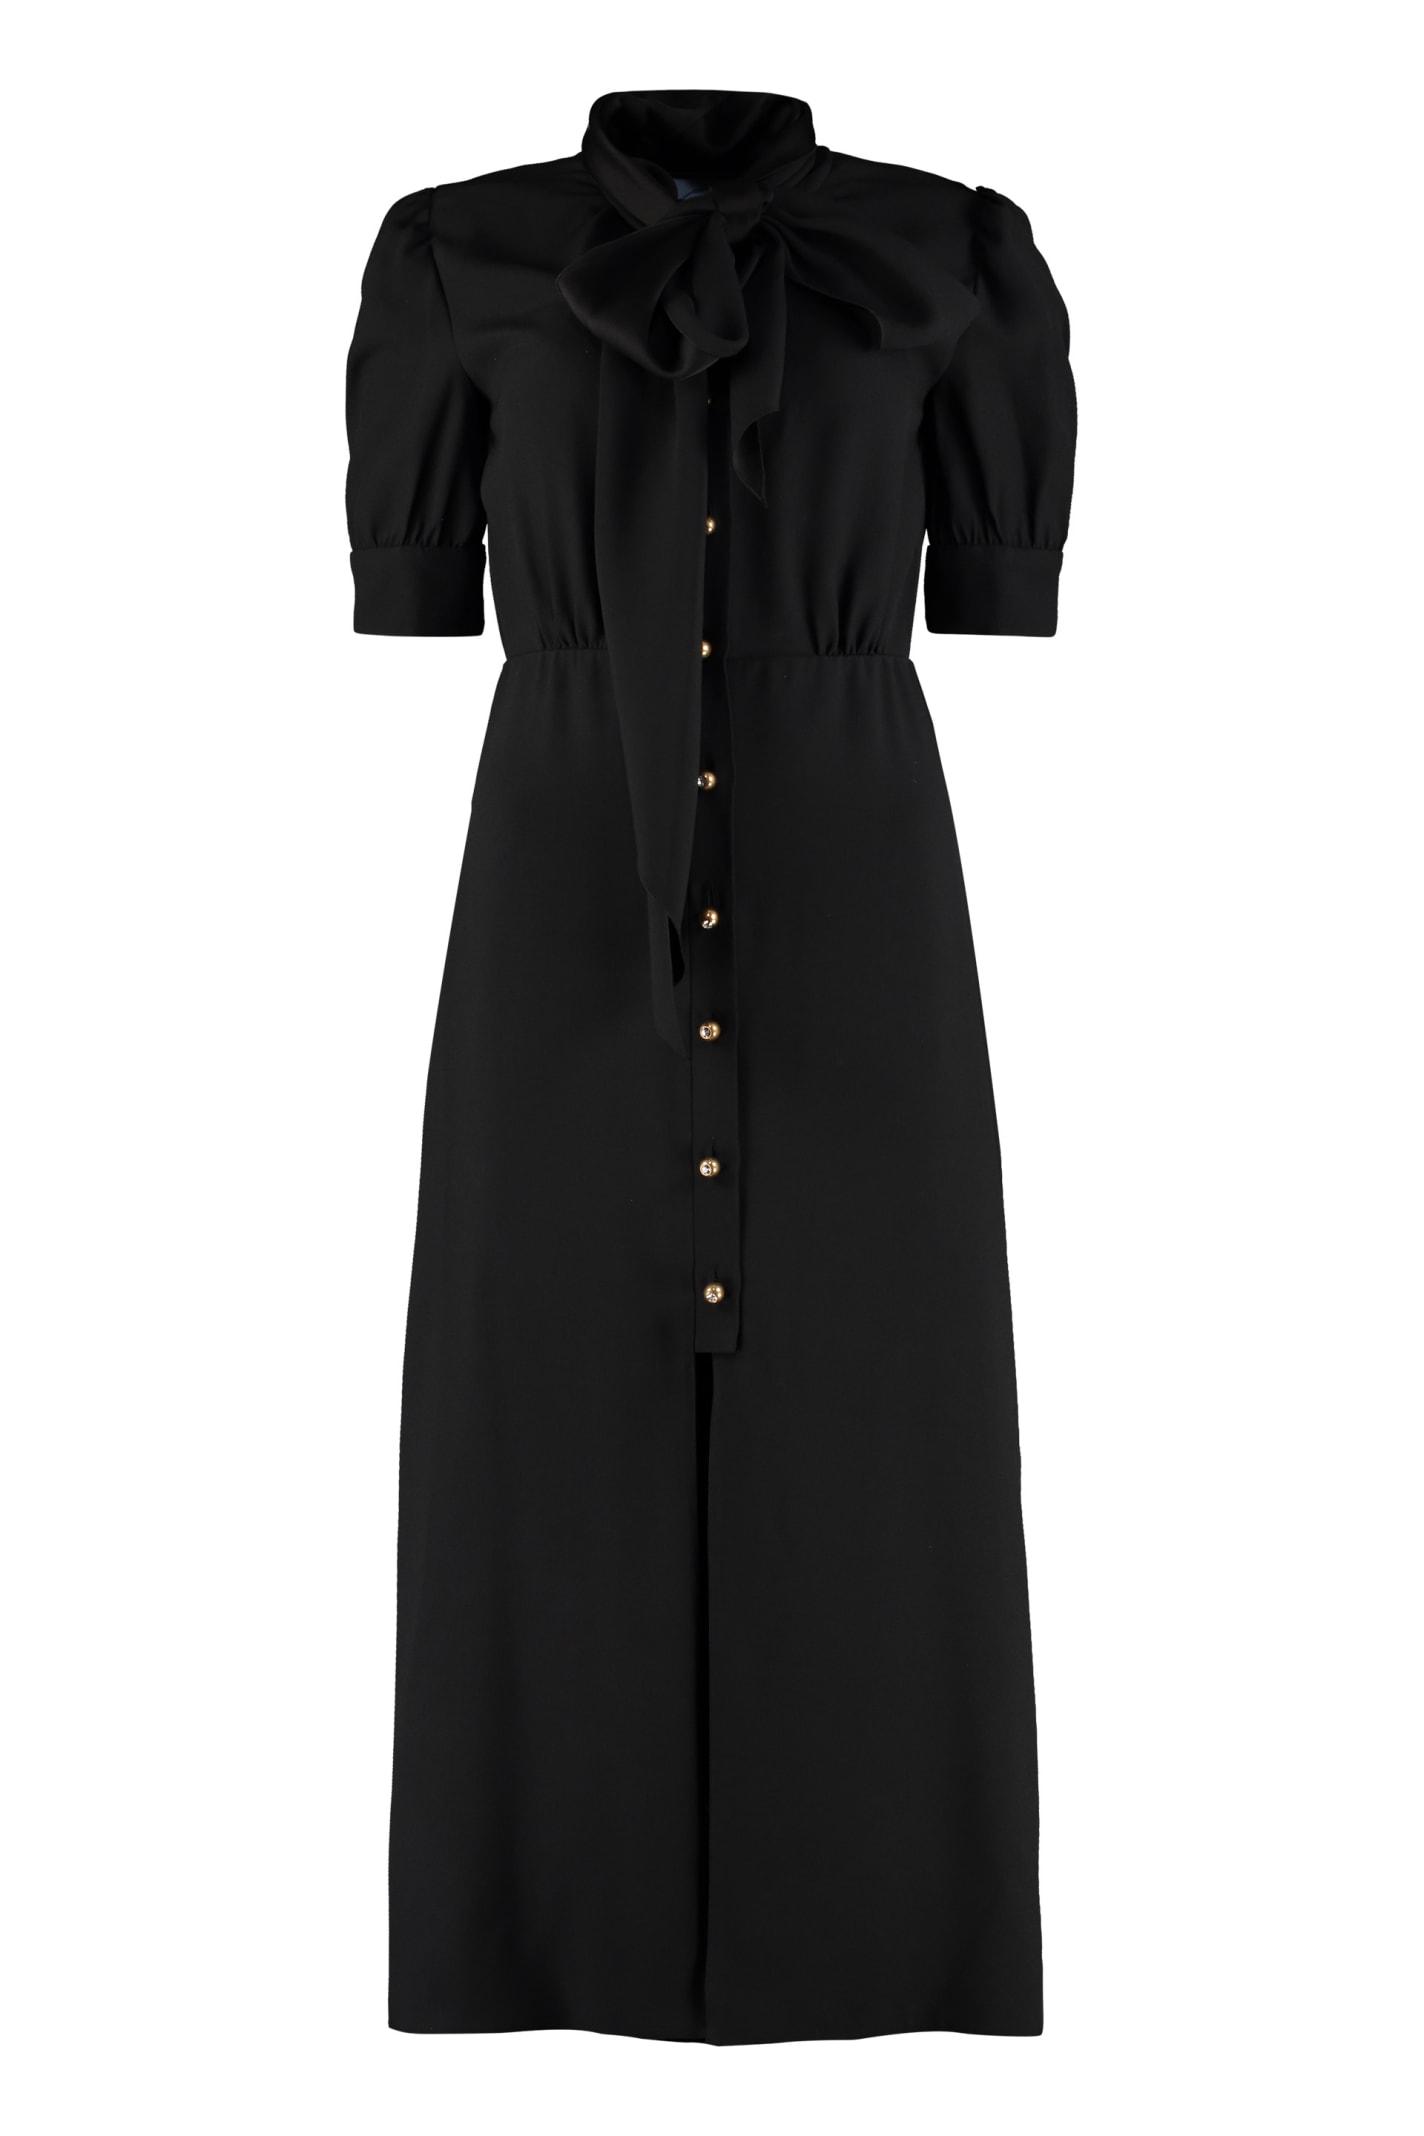 Buy Prada Satin Shirtdress online, shop Prada with free shipping